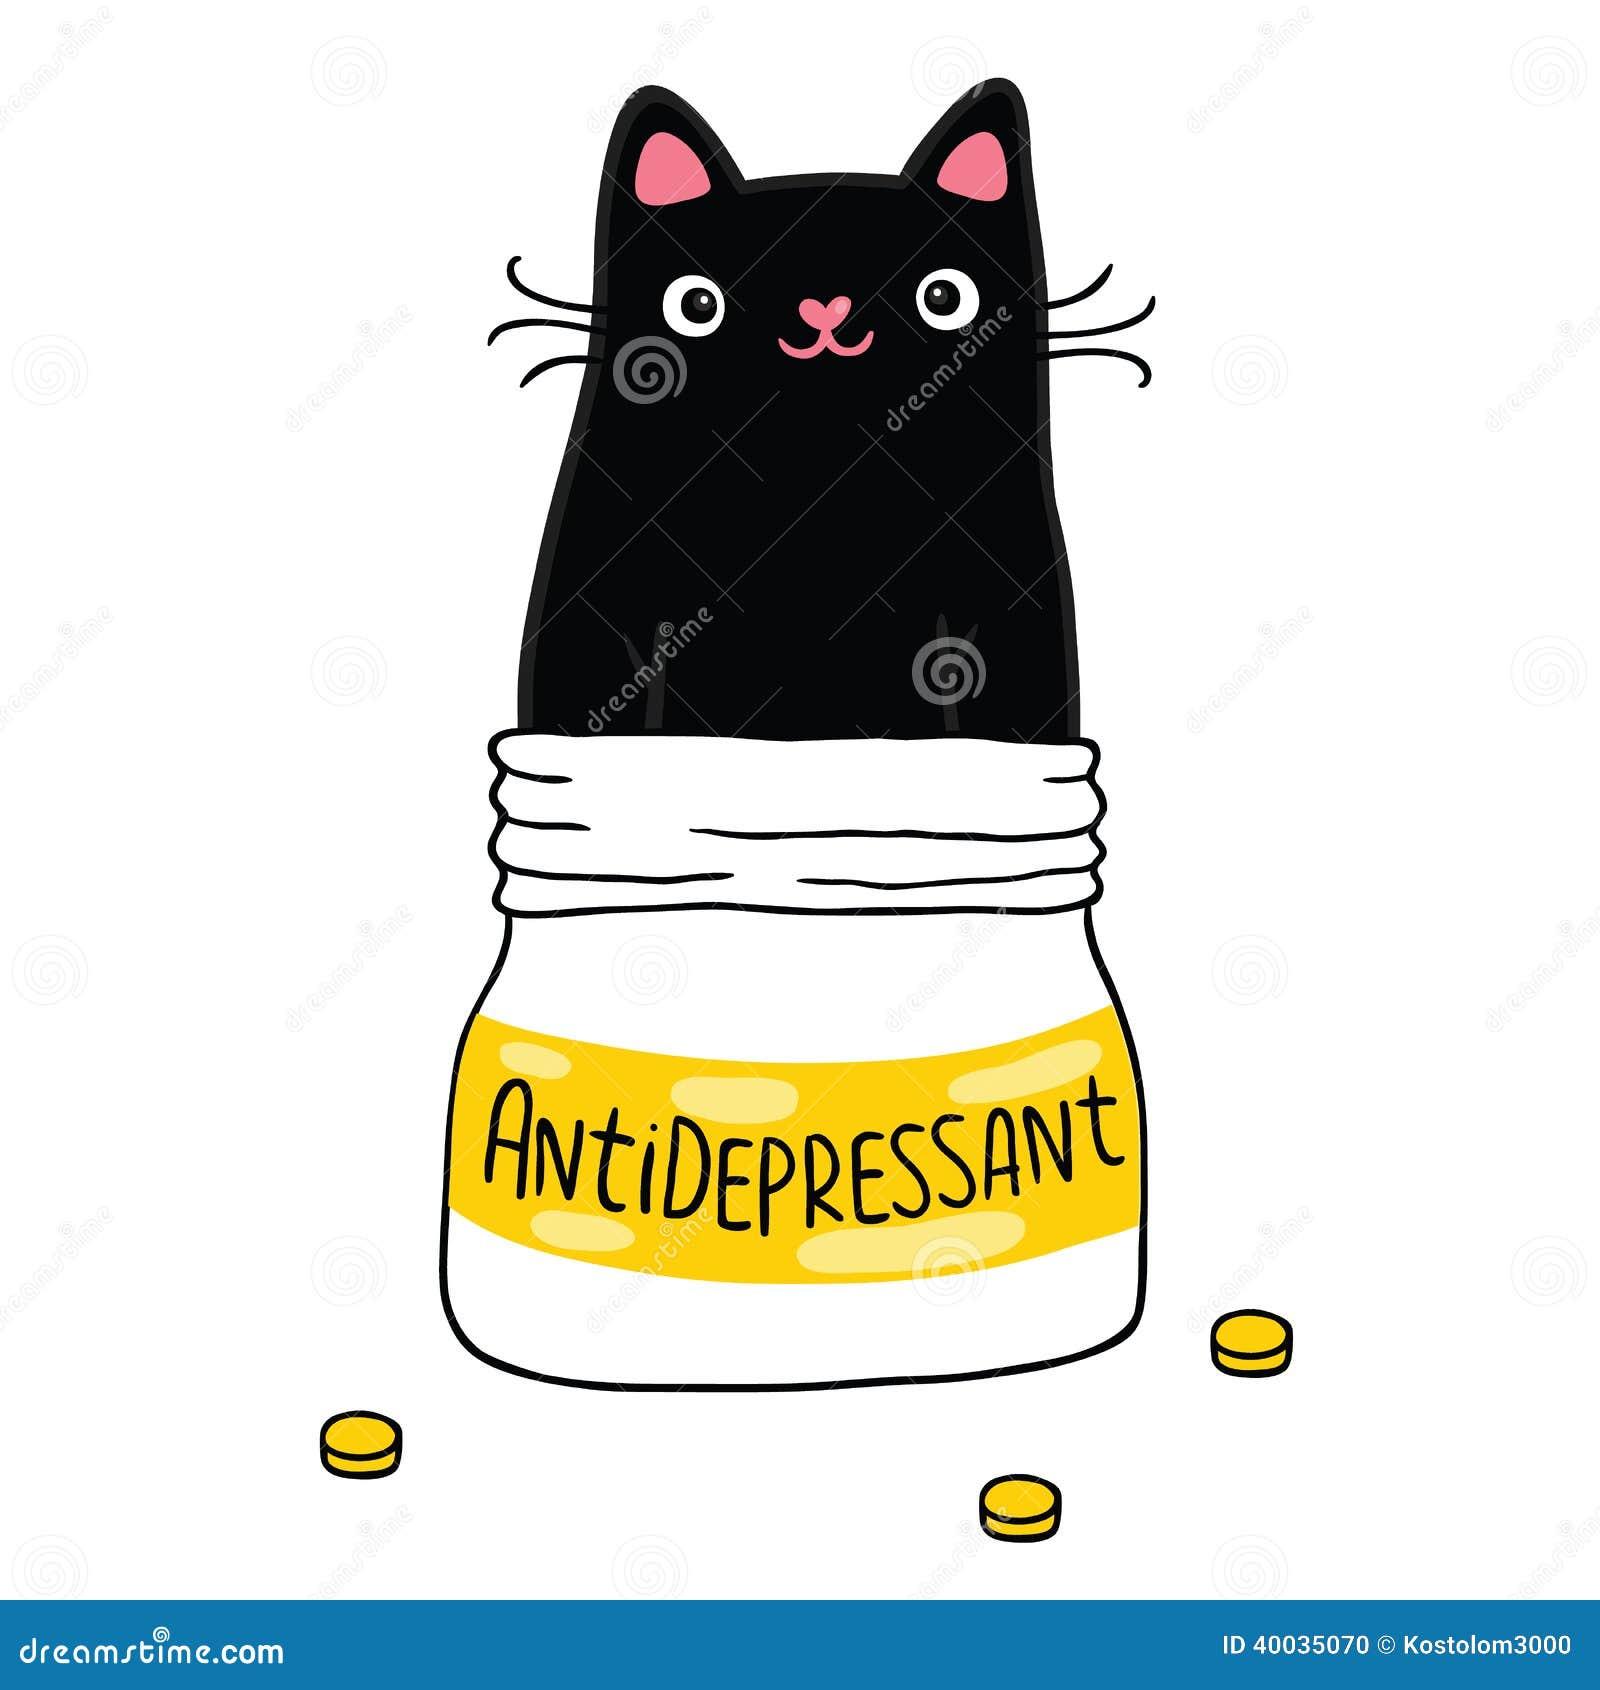 Z Antidepressant Antidepressant ...